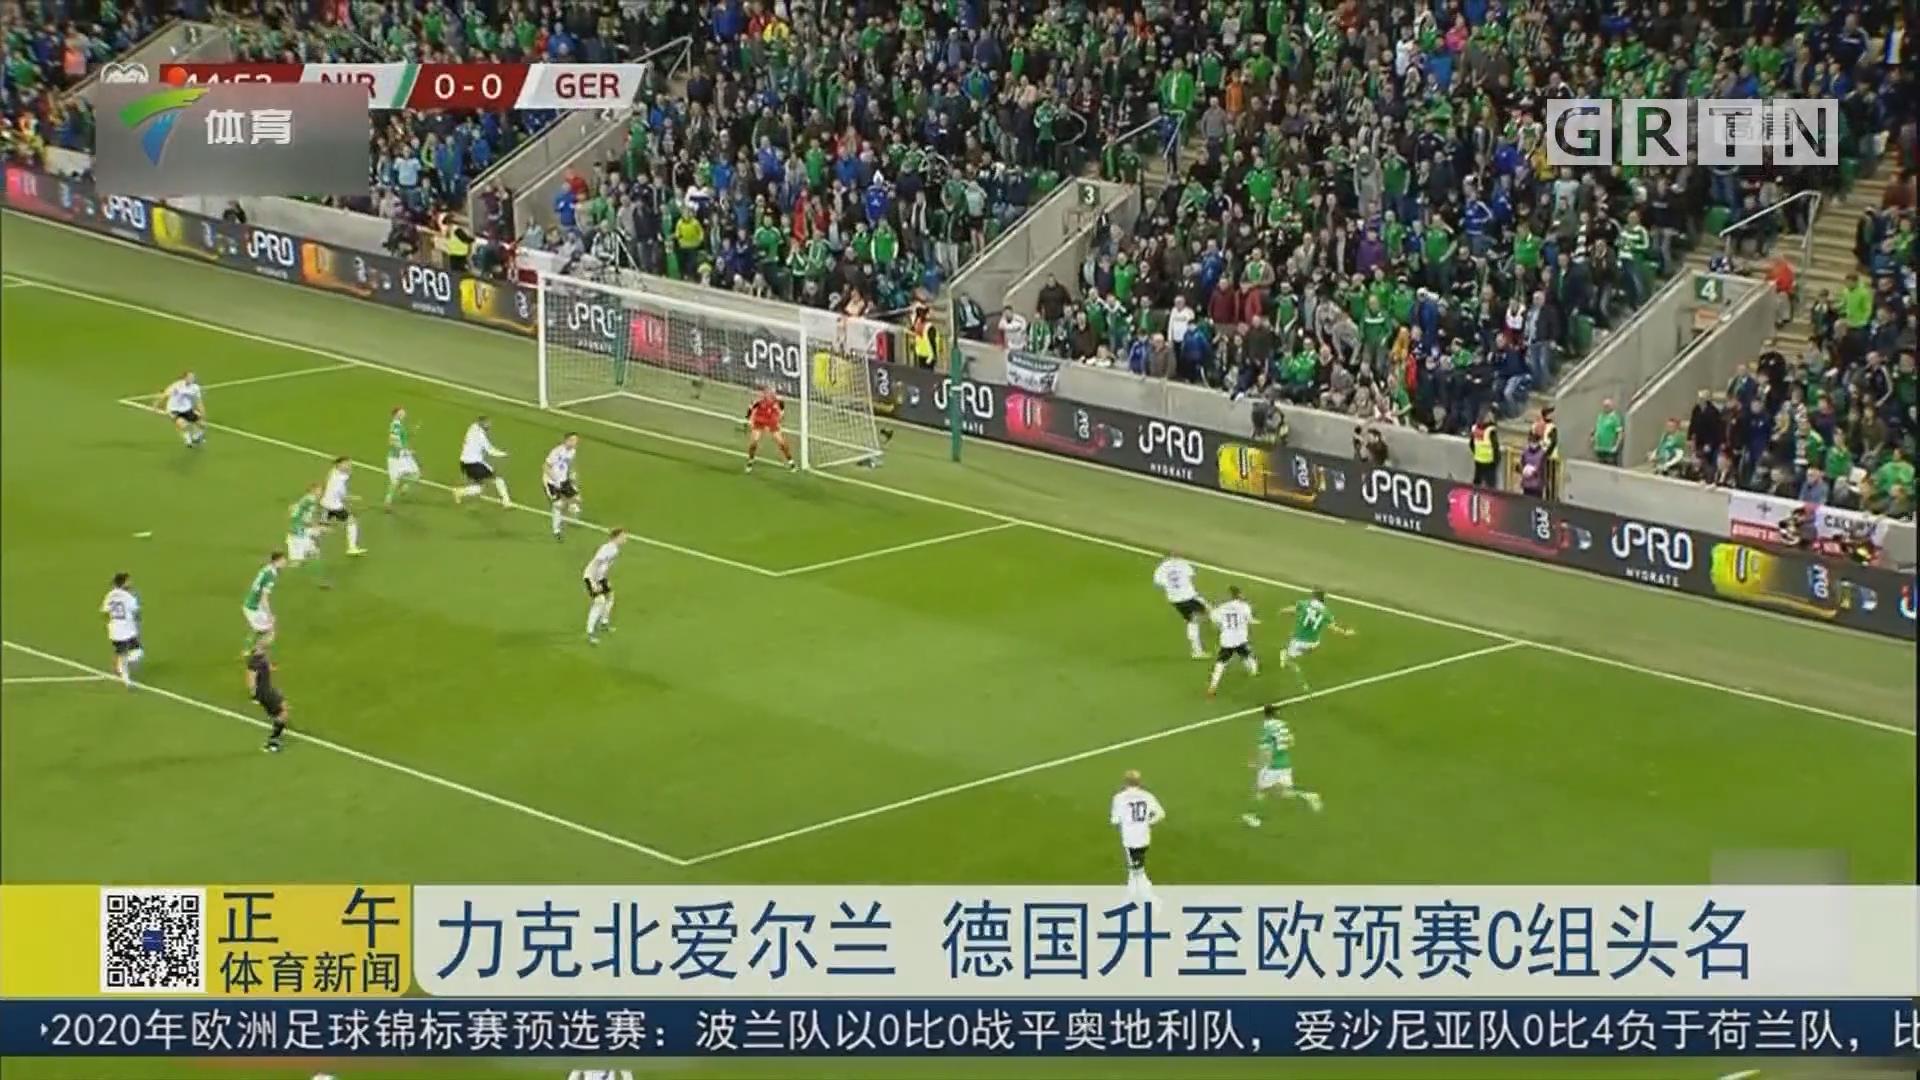 力克北爱尔兰 德国升至欧预赛C组头名